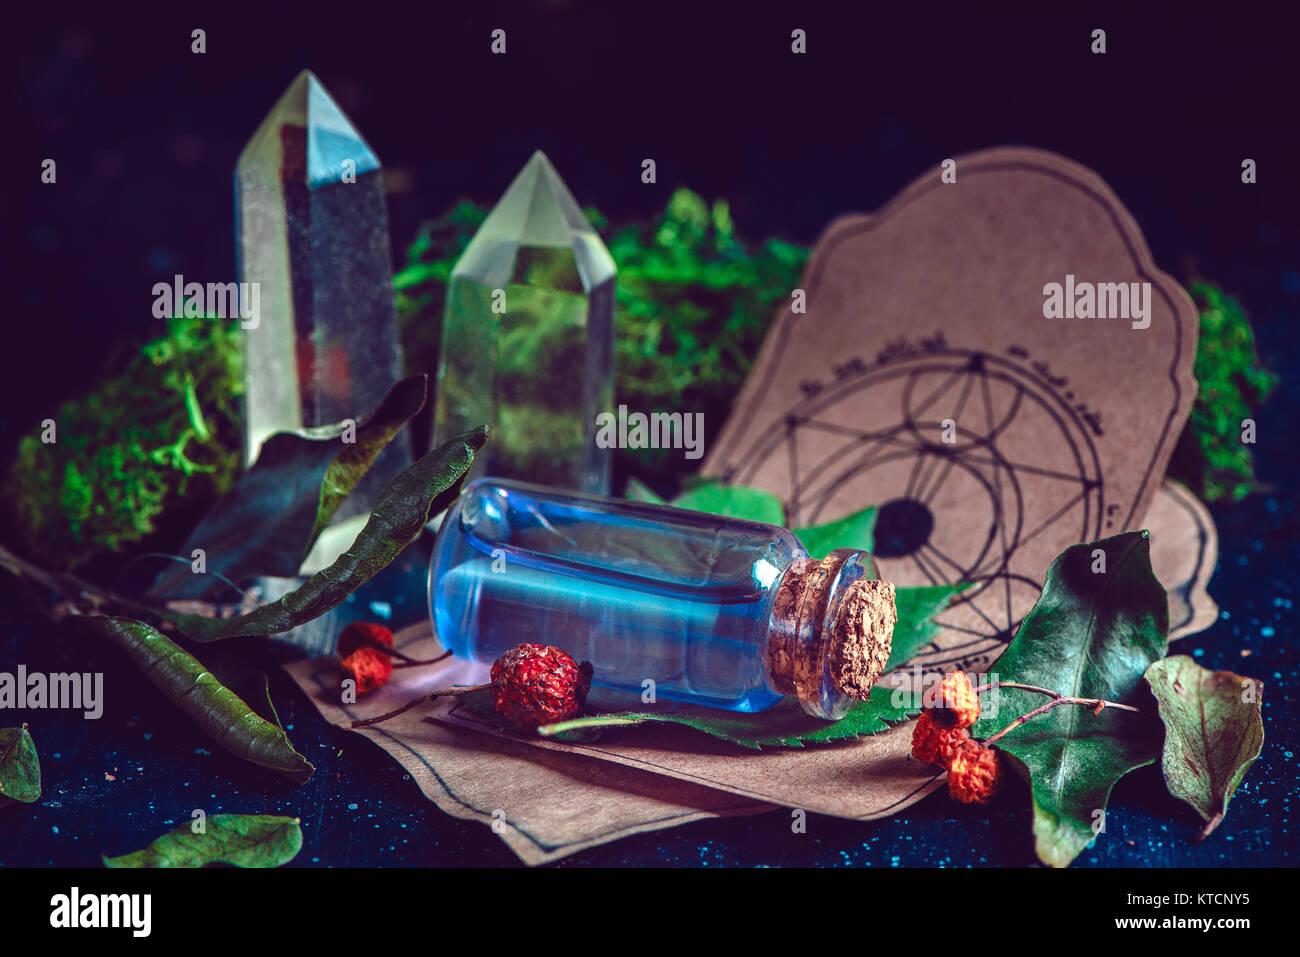 Flacon de potion avec des ingrédients, des herbes, des mousses et des cristaux dans une scène magique. Photo Stock